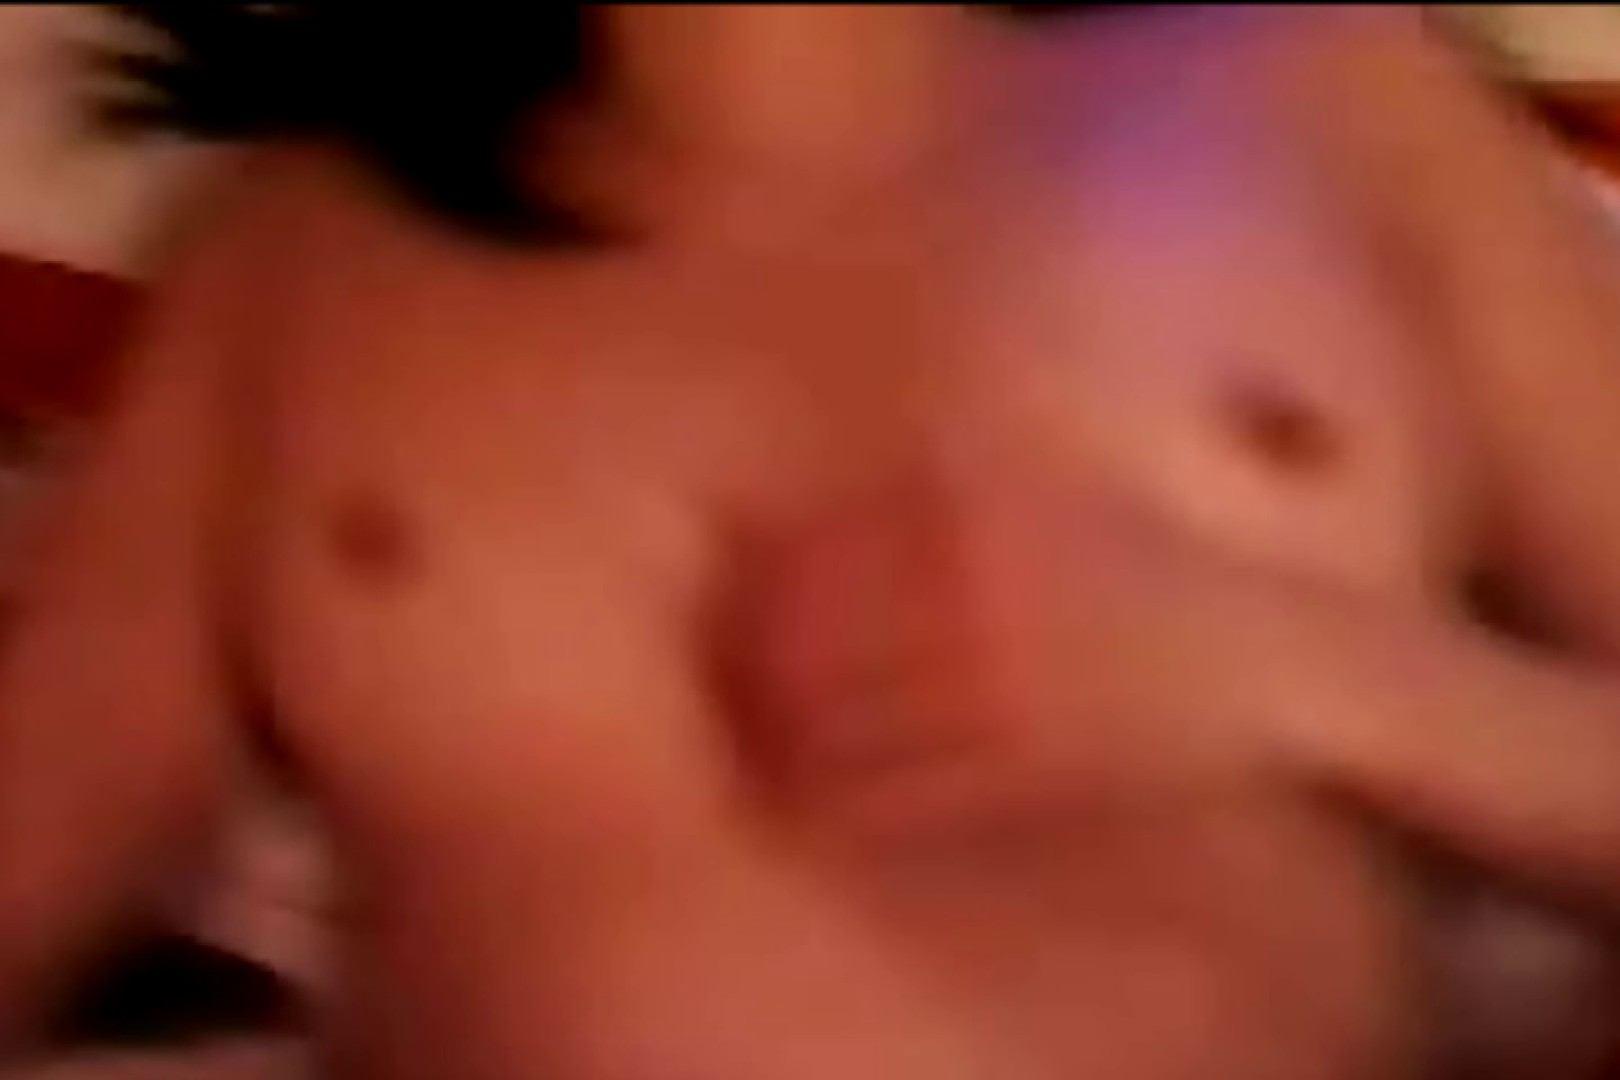 仁義なきキンタマ YAMAMOTOのアルバム フェラチオ   フェラ  29連発 23